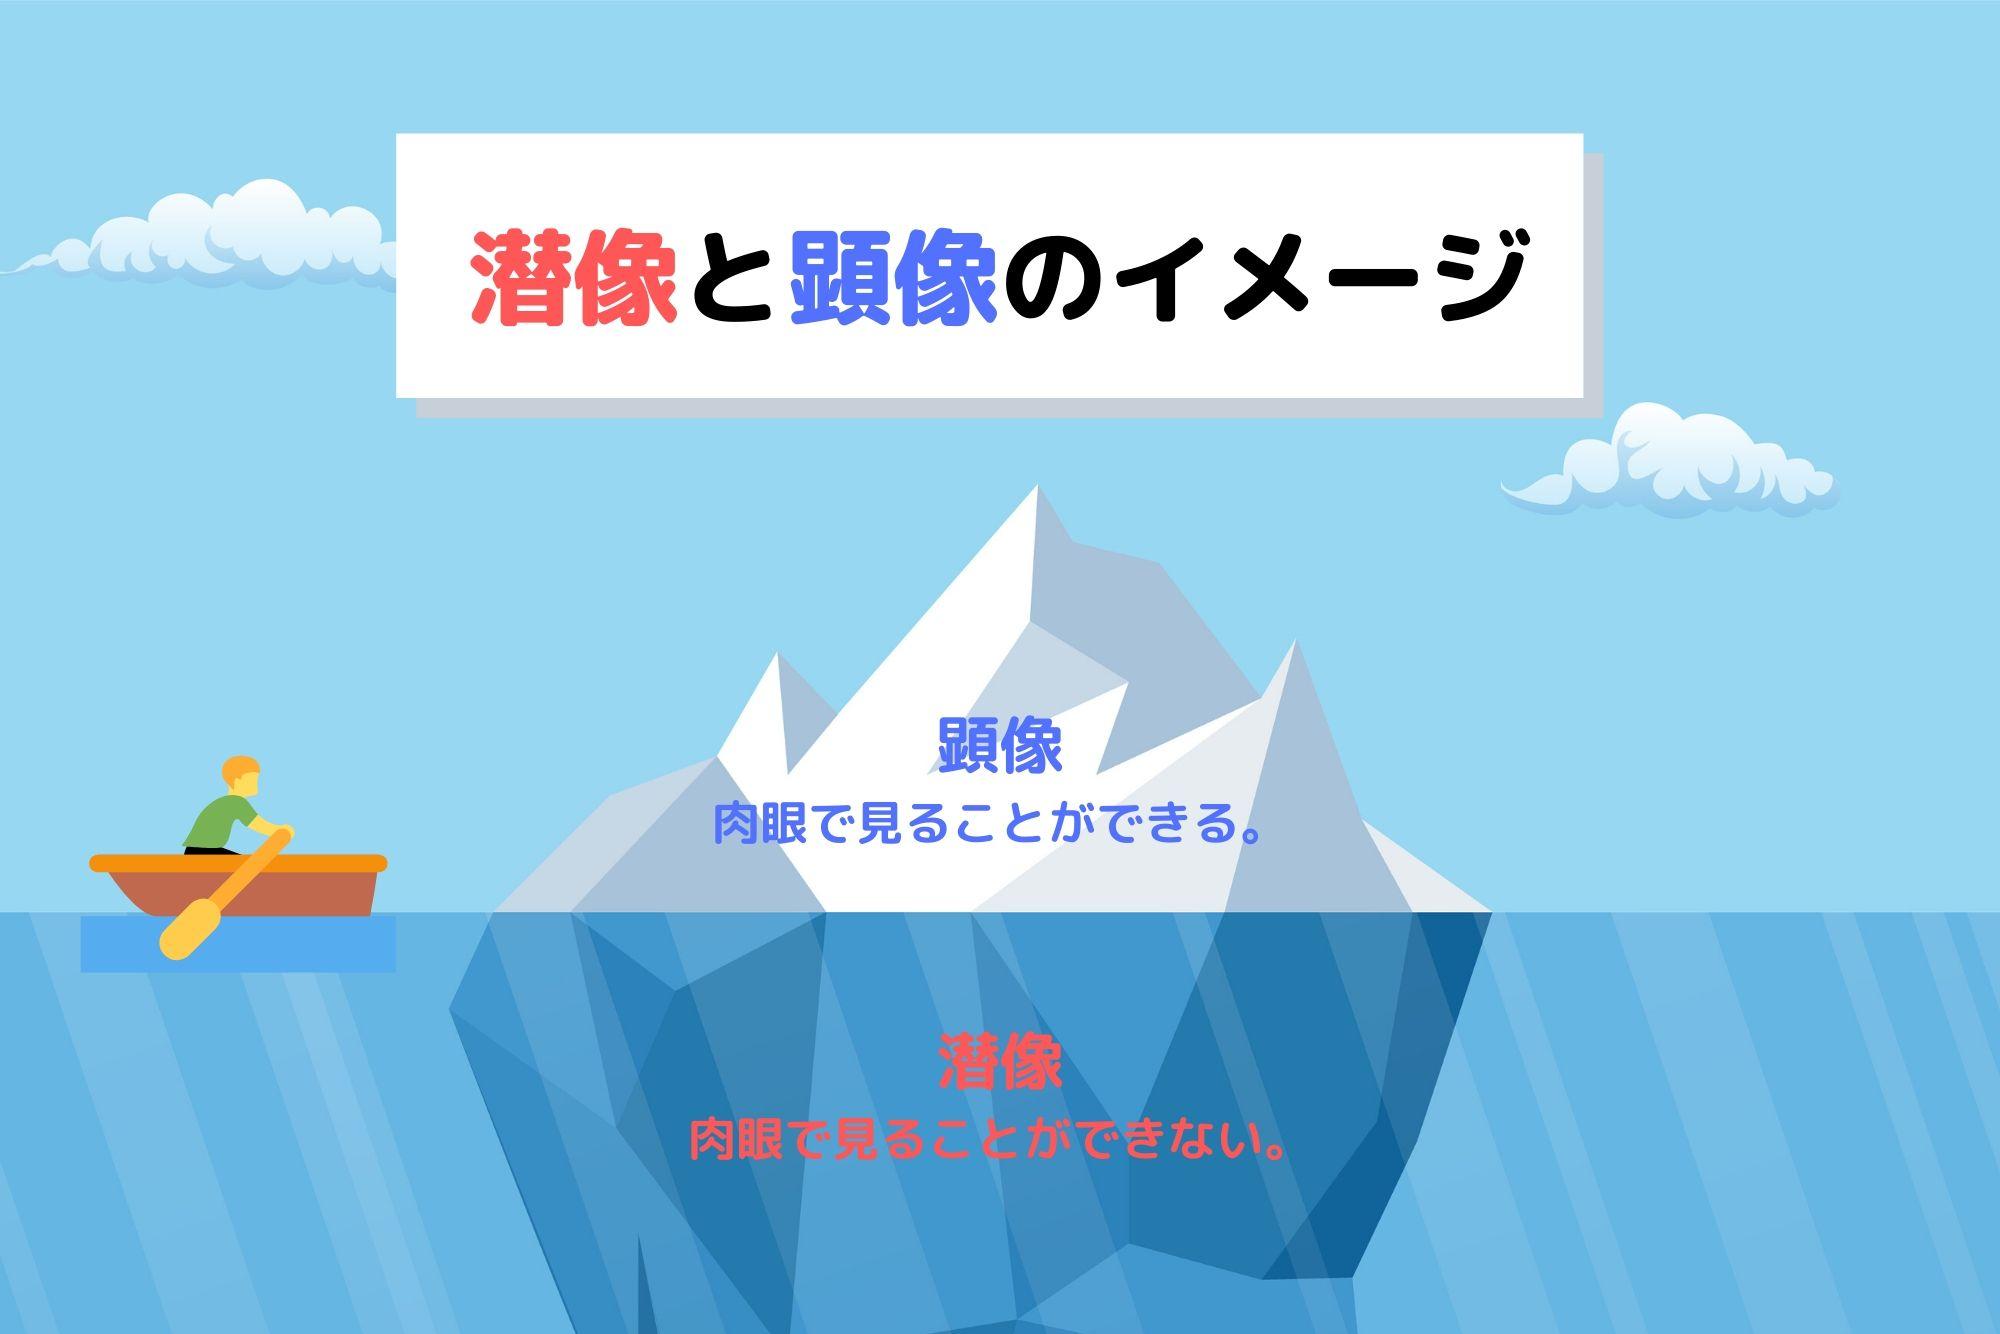 潜像と顕像のイメージ図。海から出ている部分の氷山が「顕像」、海に隠れている部分の氷山が「潜像」